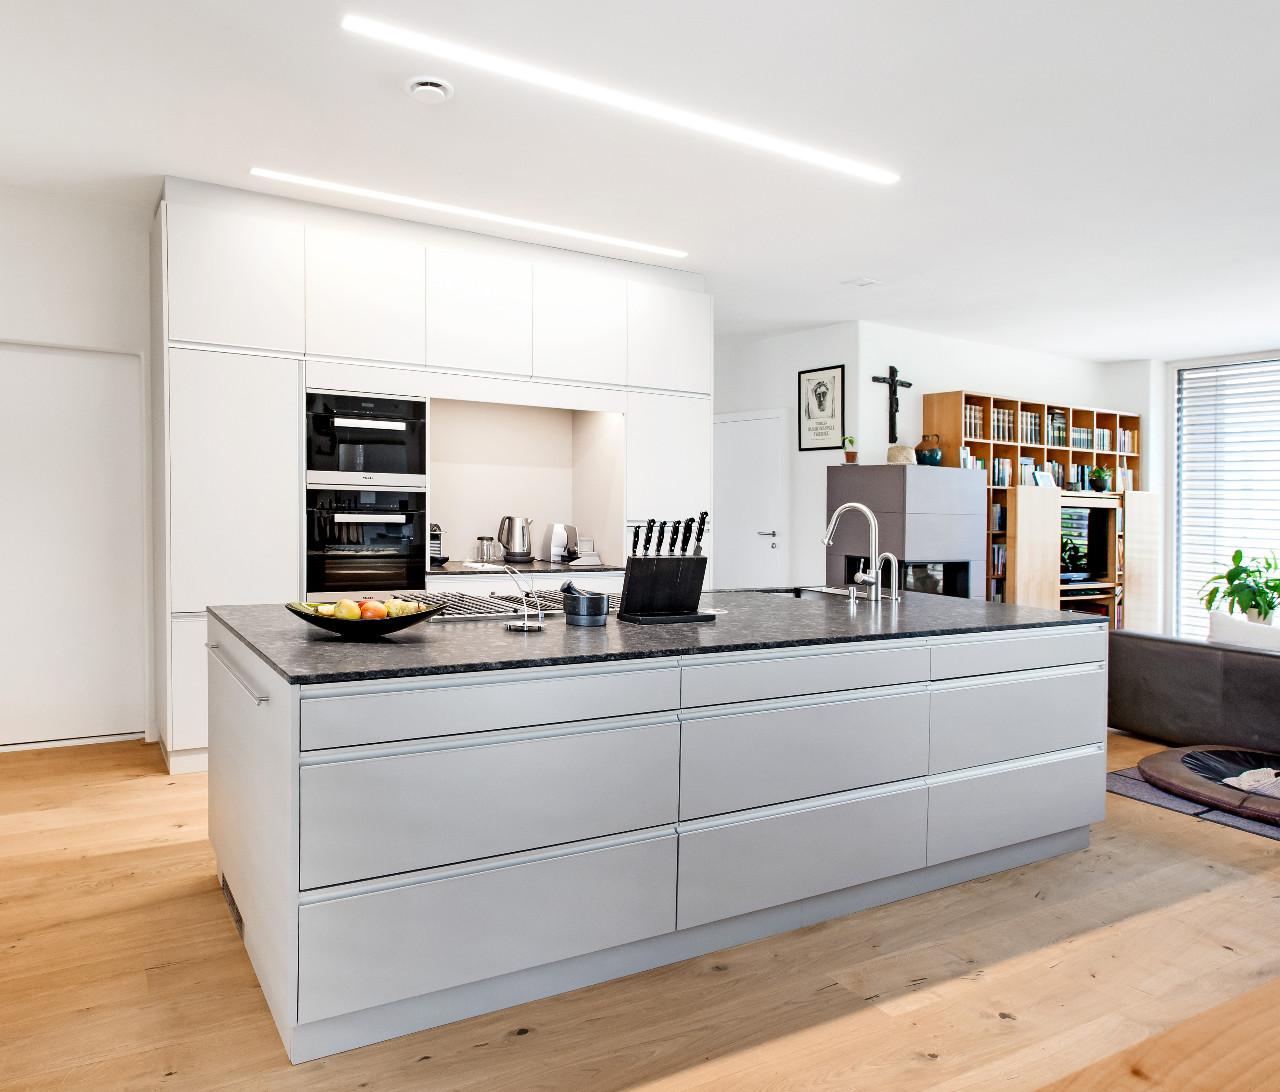 Schön Handwerker Küchenschranktüren Fotos - Küche Set Ideen ...